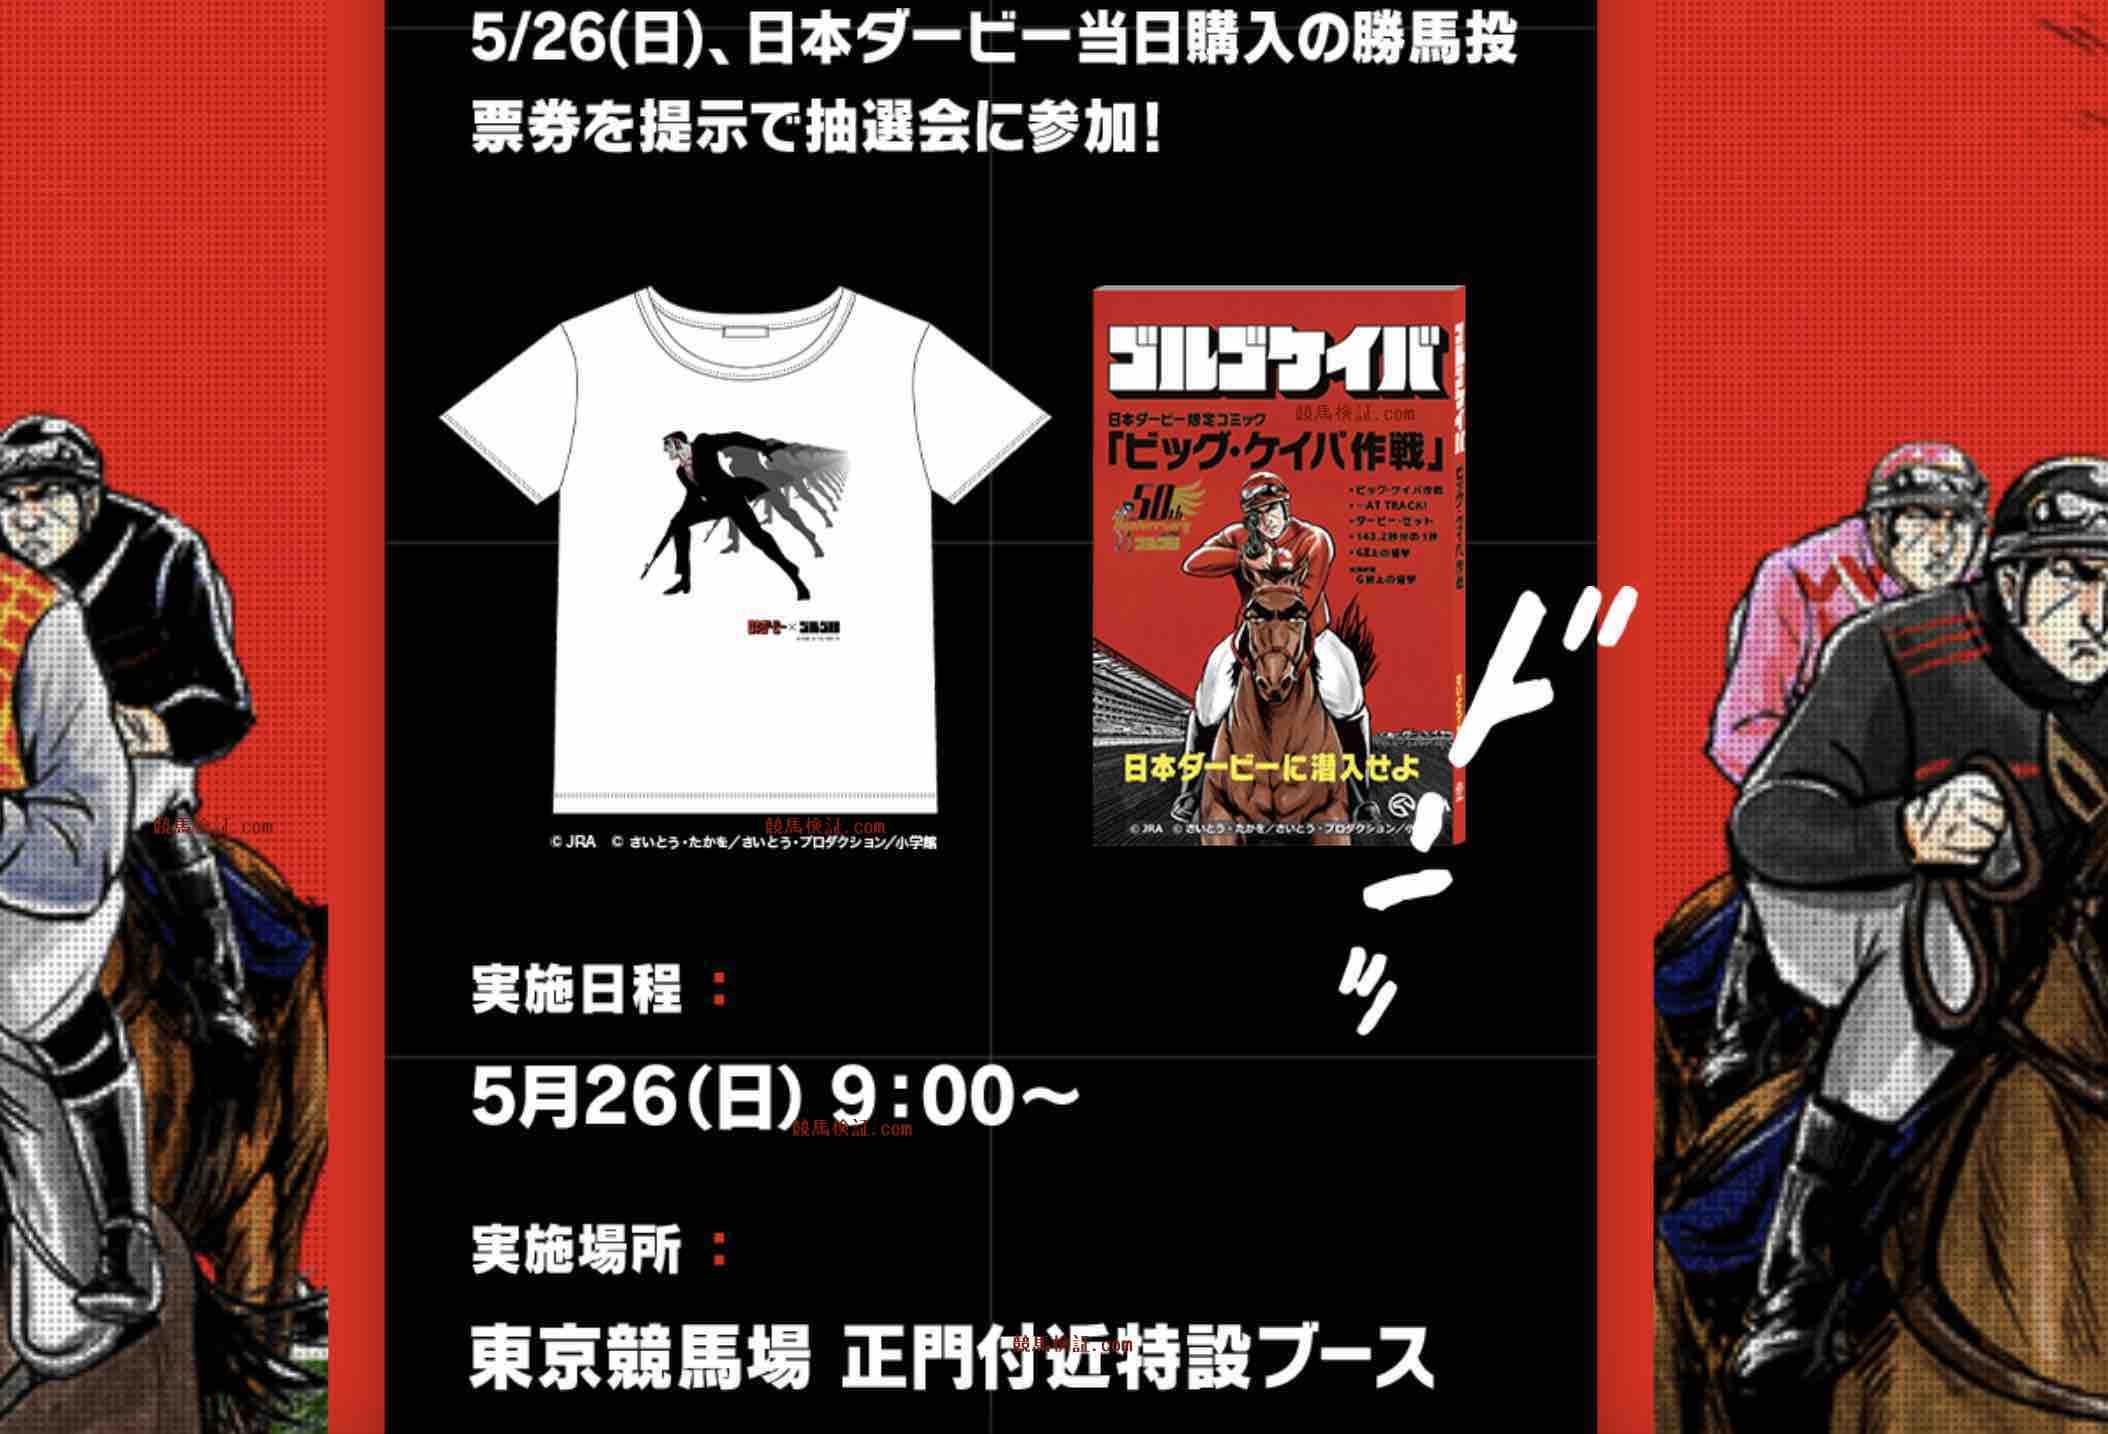 日本ダービーJRAとゴルゴ13のコラボ企画のTシャツ